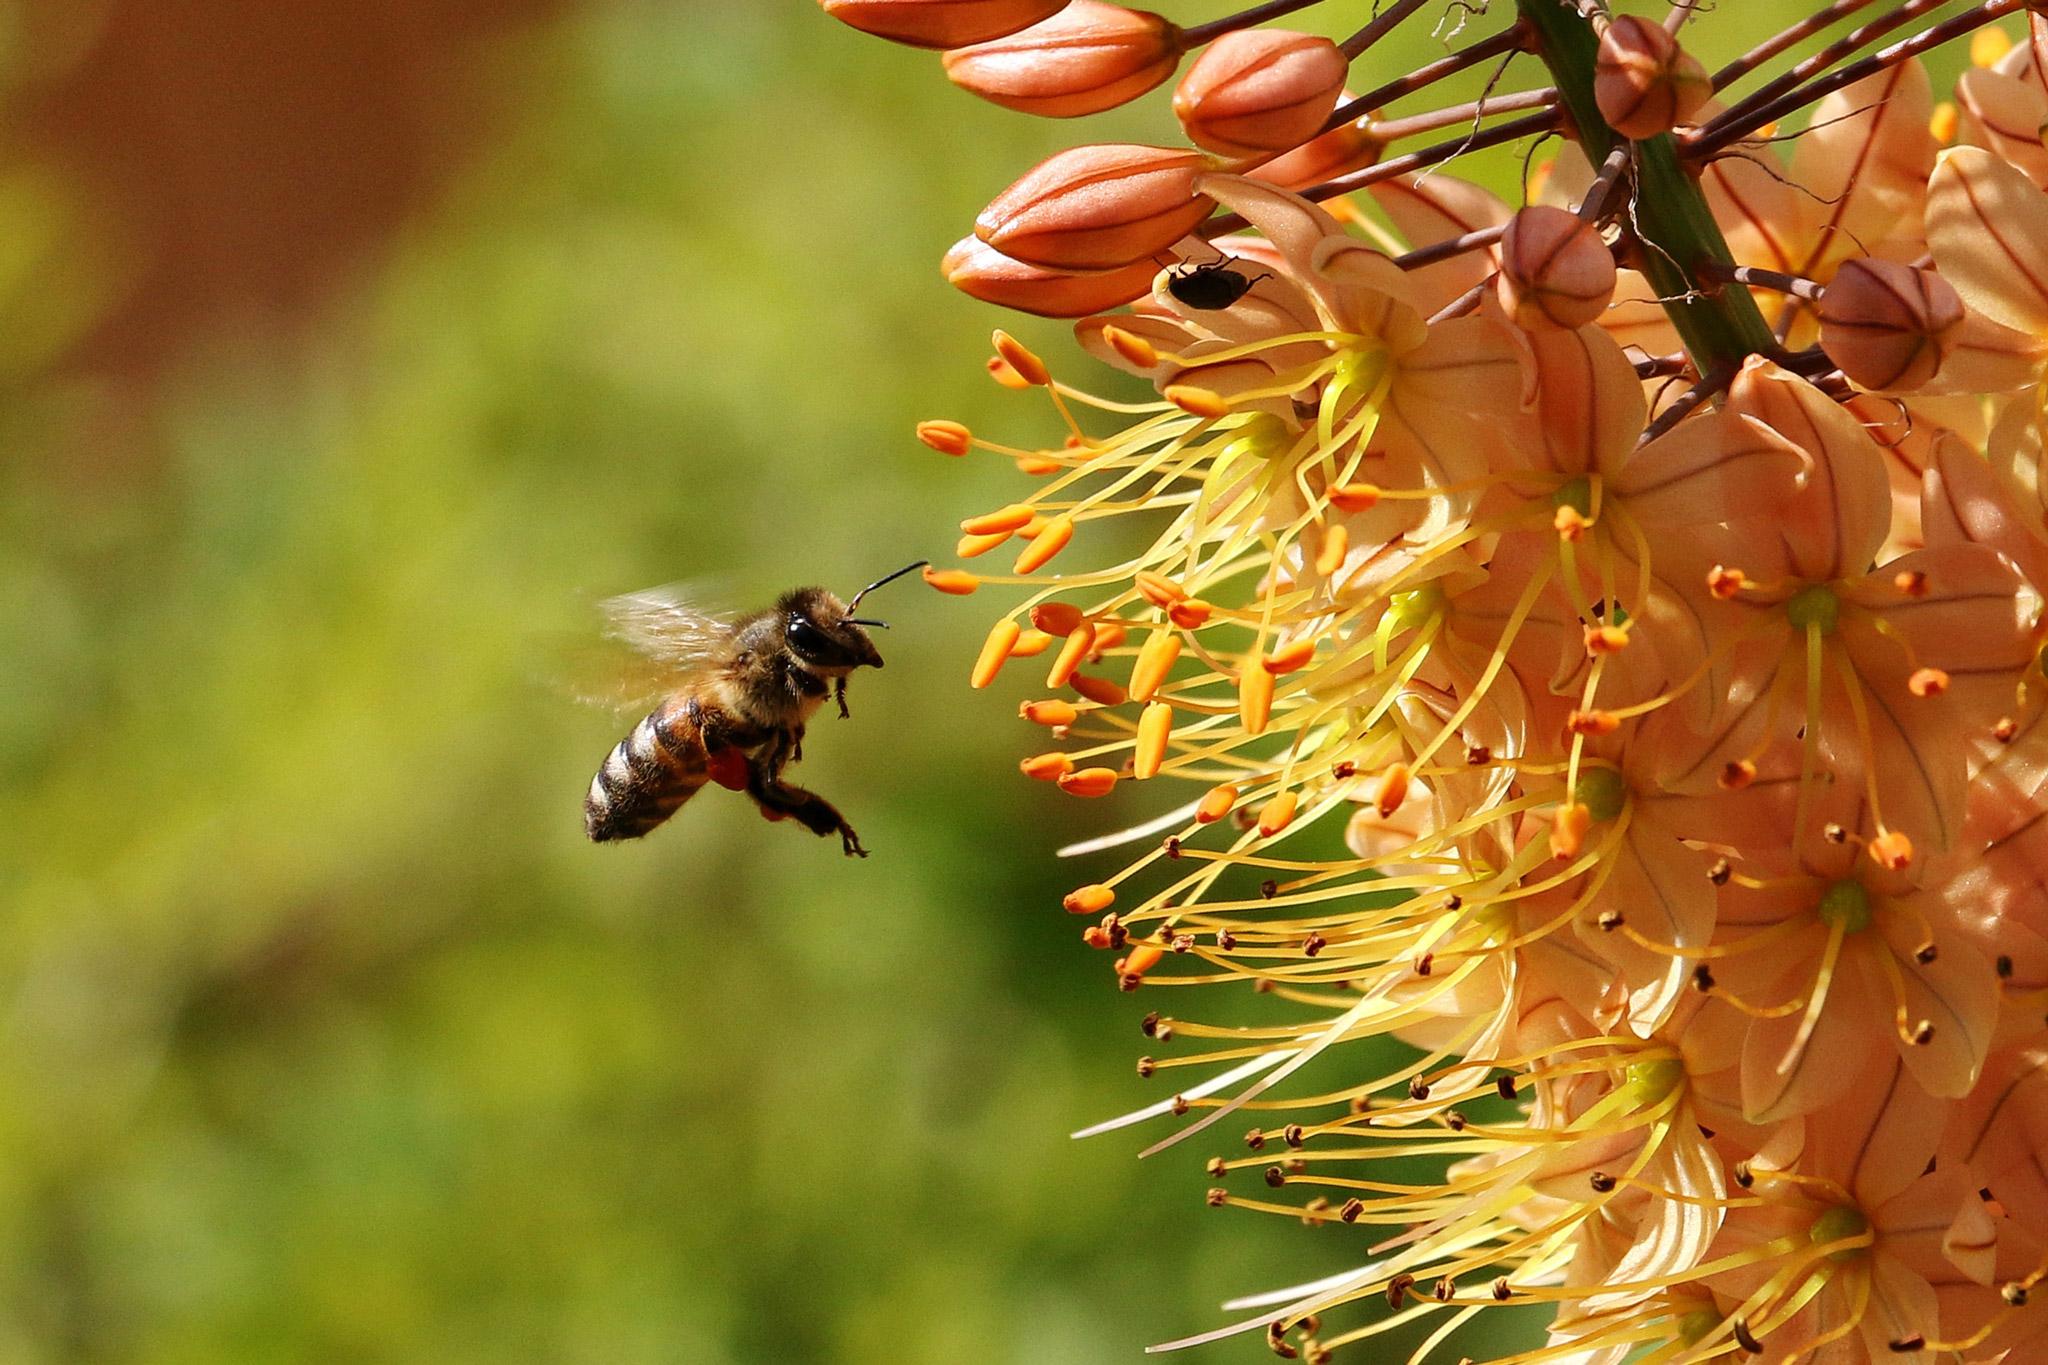 Honigbiene beim Sammelflug (Foto: Klaus-Peter Volkmann)